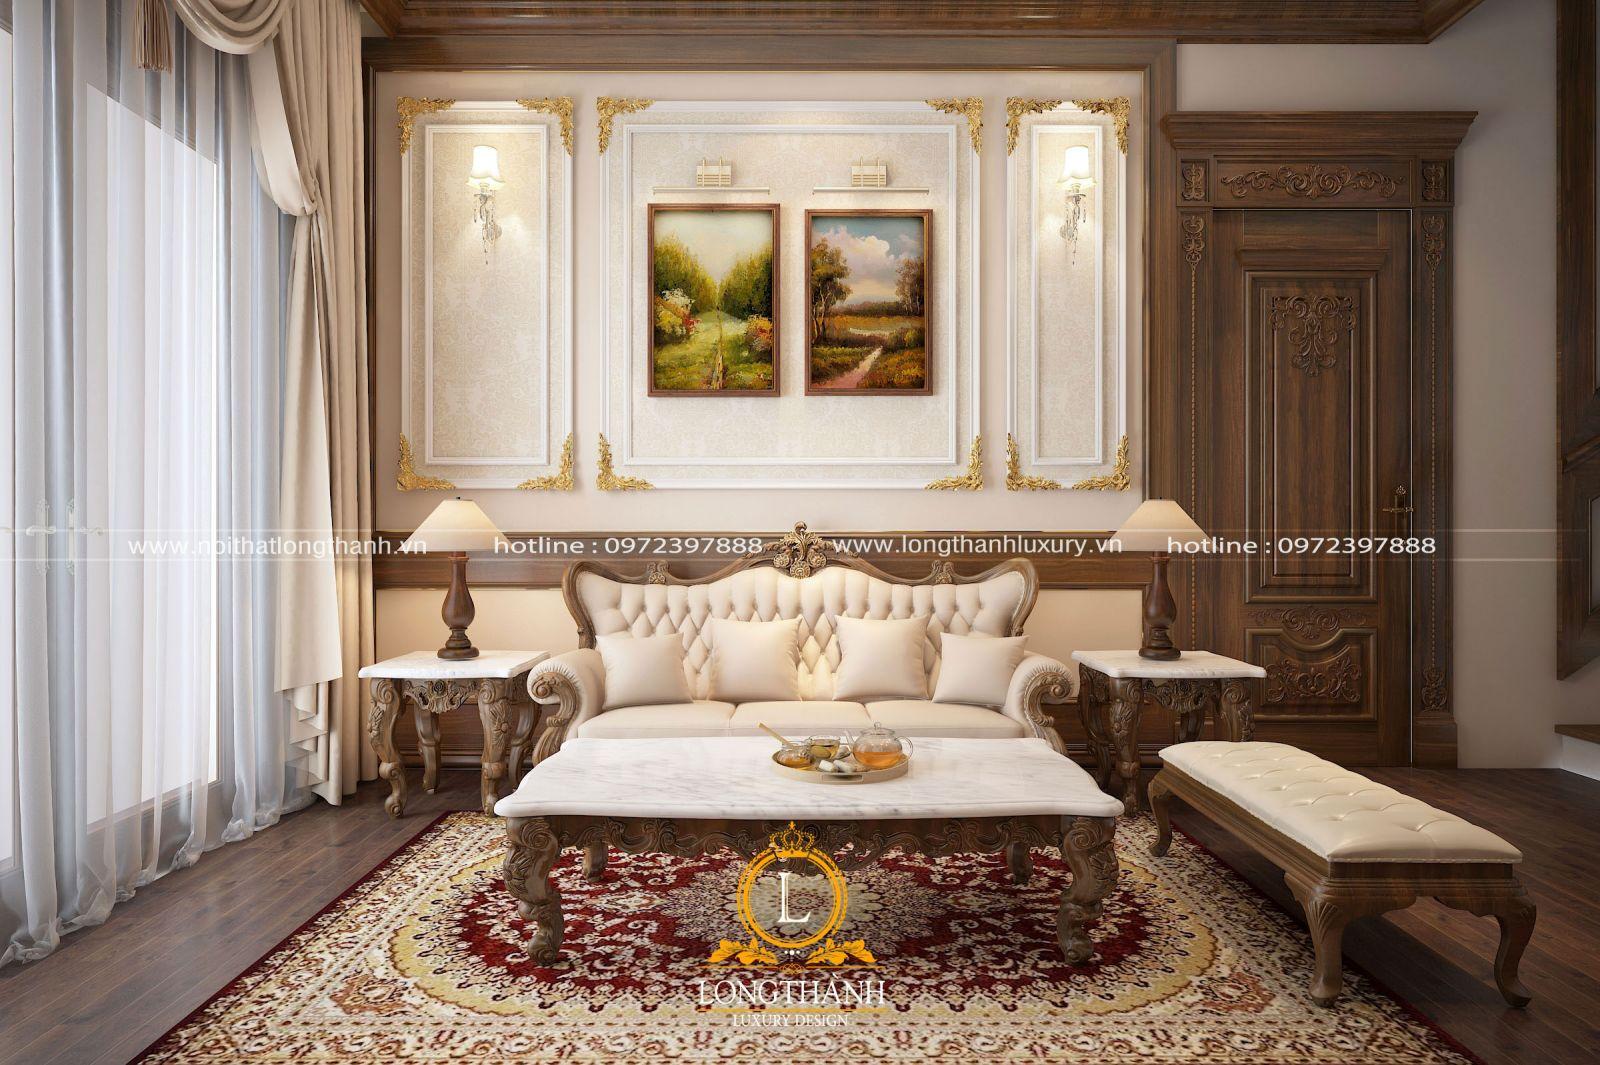 Nét đẹp nhẹ nhàng đến từ sofa văng tân cổ điển